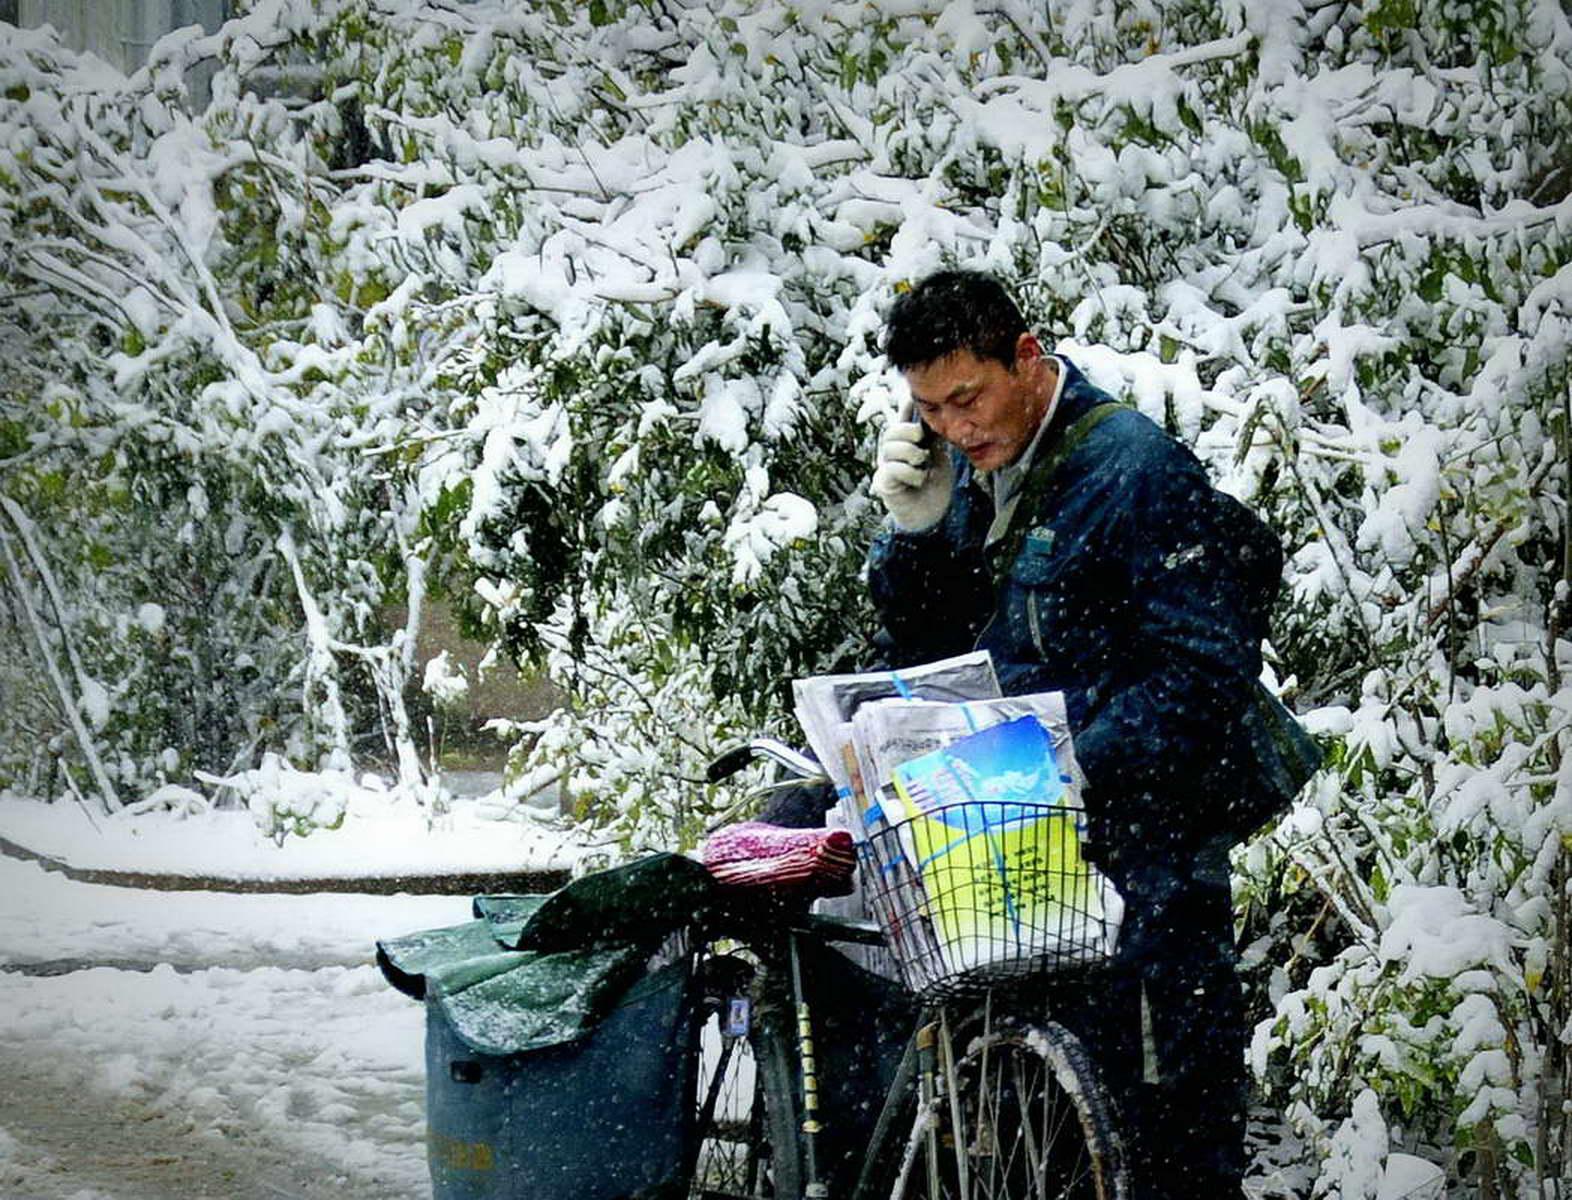 辽宁朝阳邮政 王振勇 《雨雪无阻》 13704918600.jpg